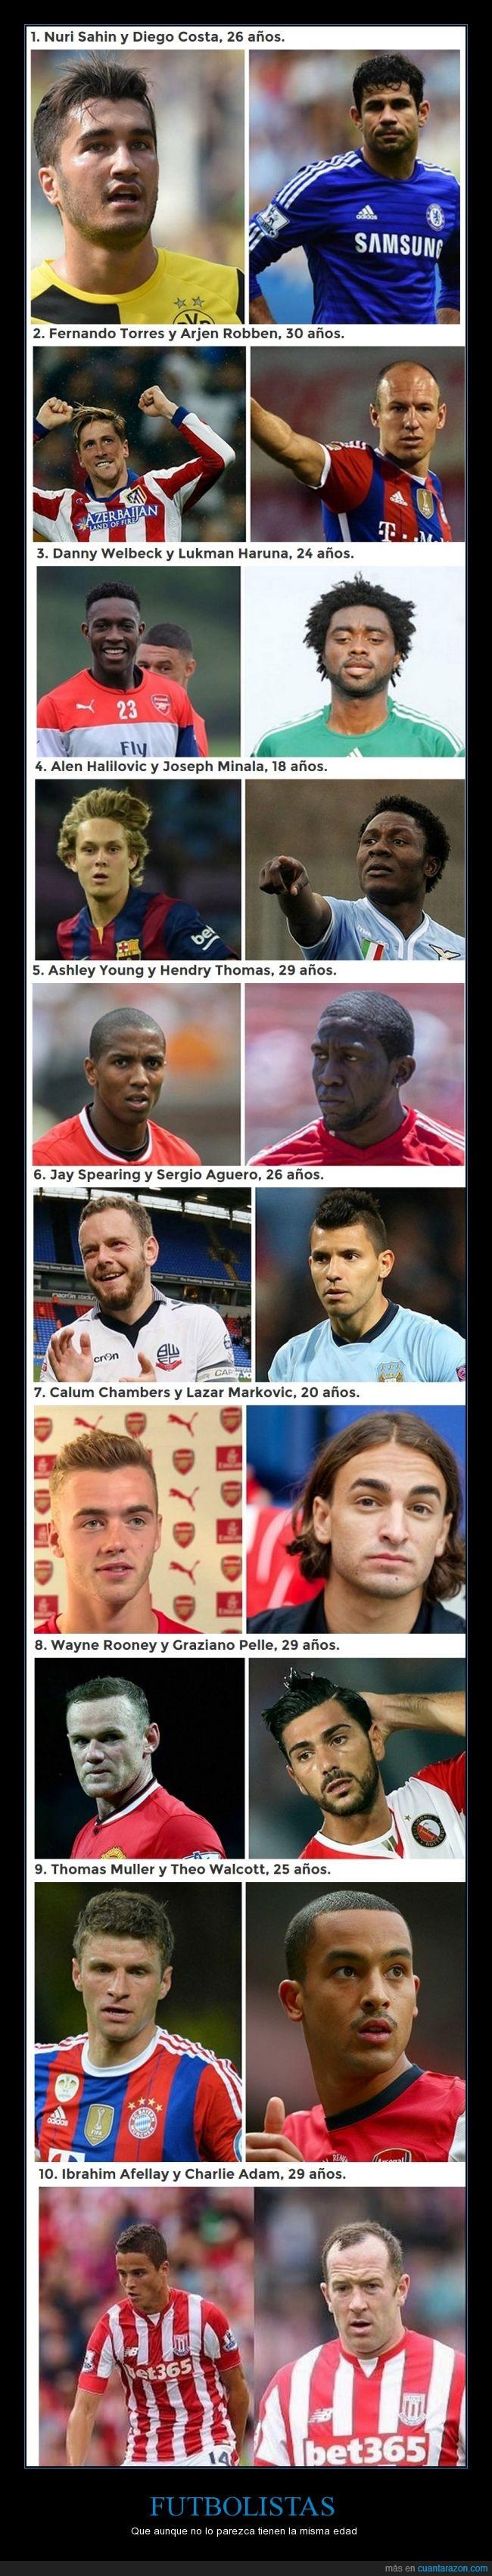 años,deporte,futbol,futbolistas,joven,mayor,misma edad,viejo